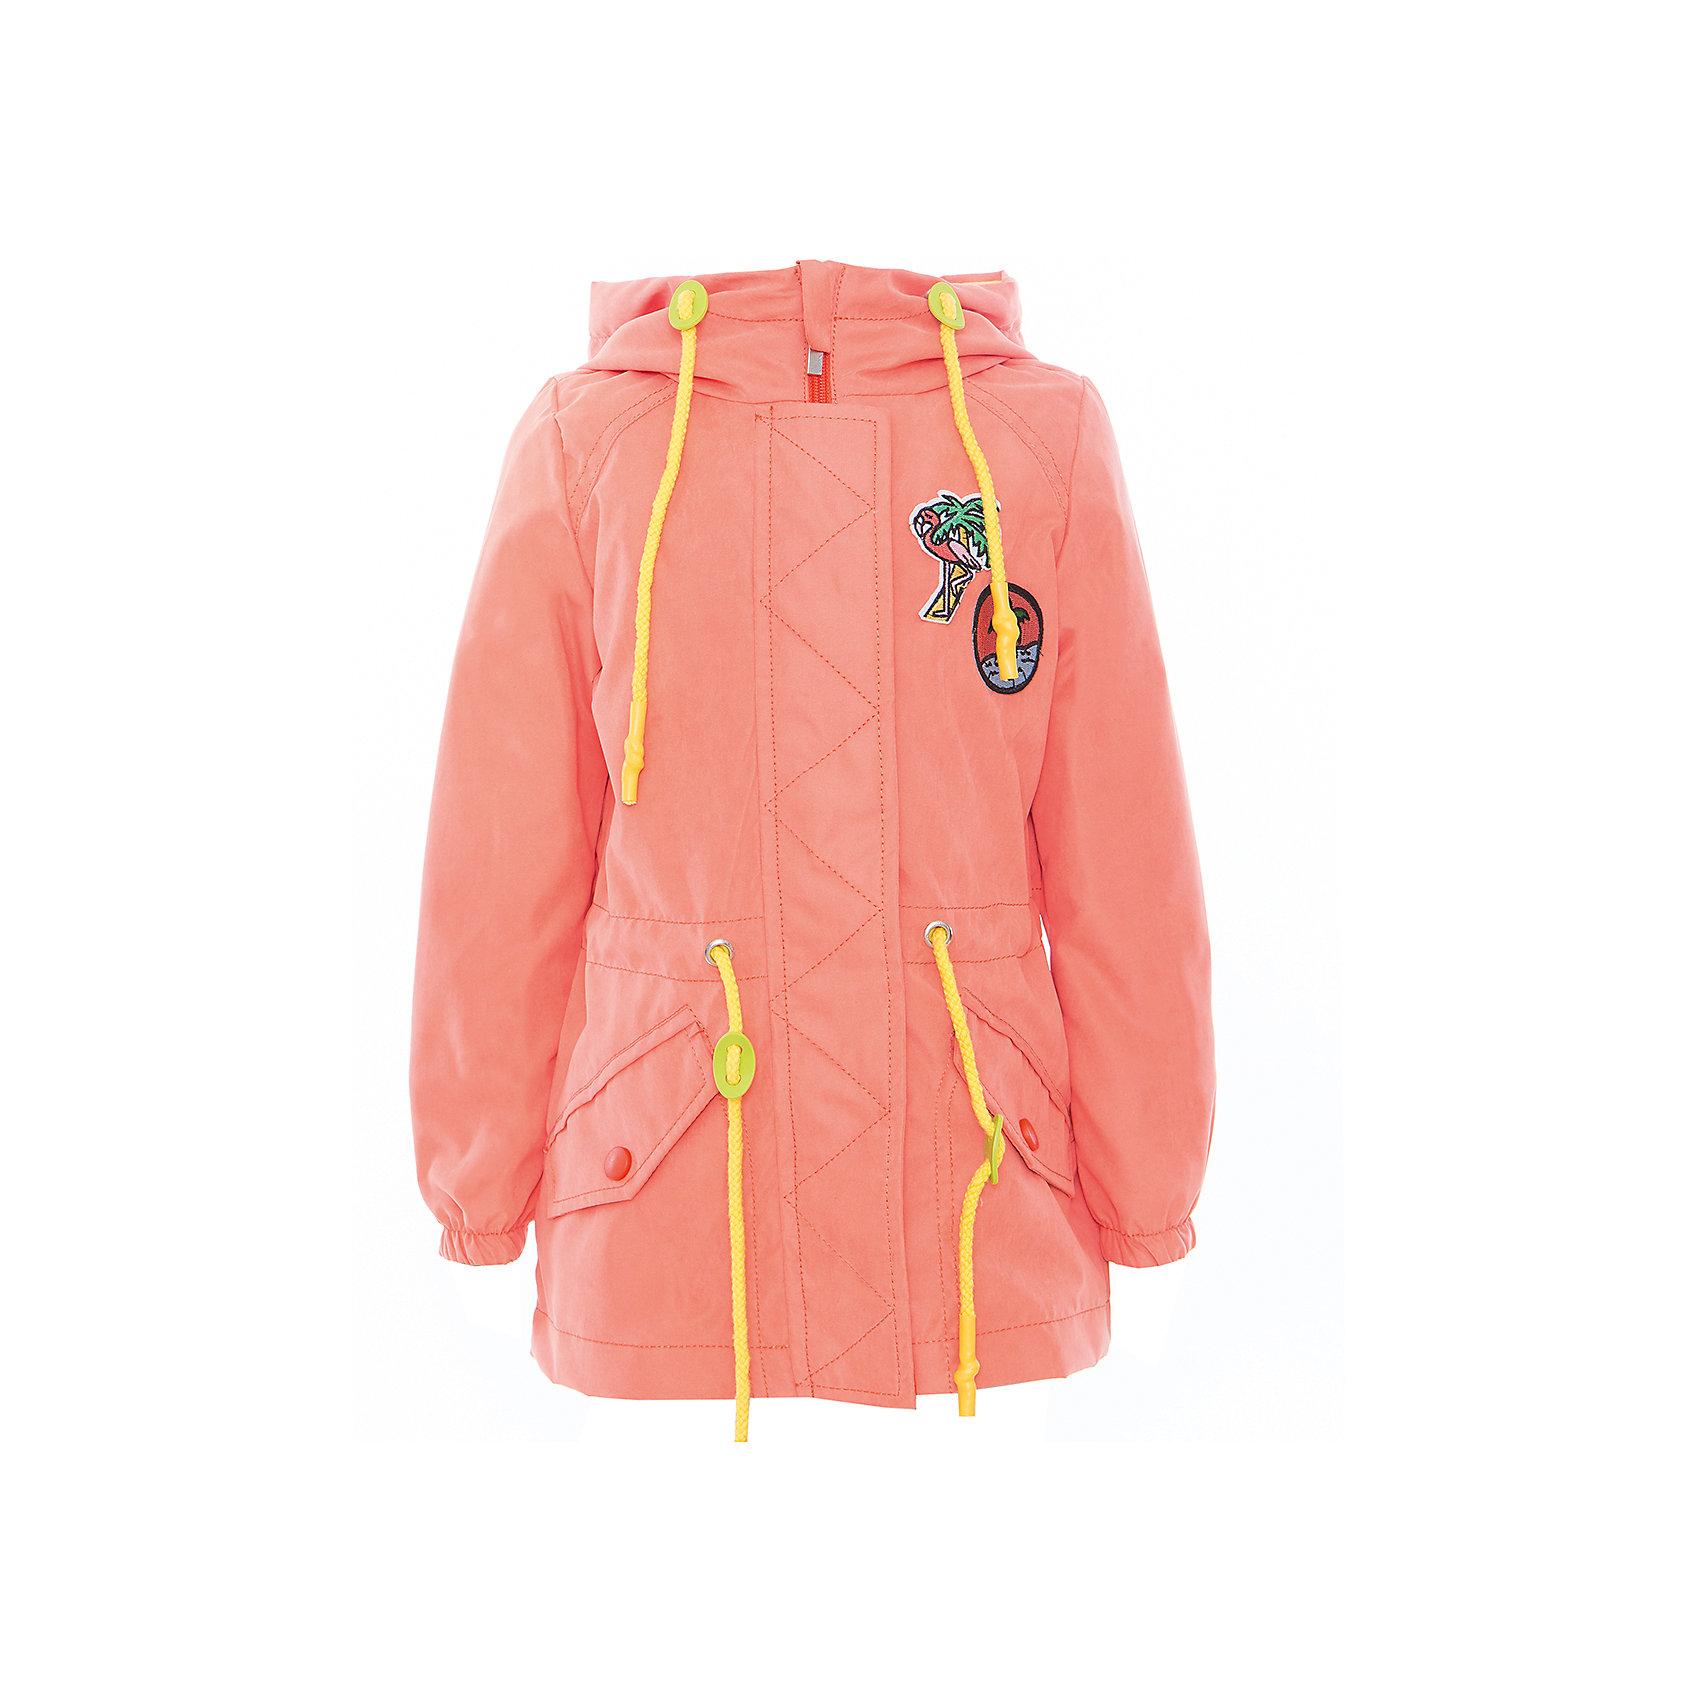 Куртка-парка для девочки BOOM by OrbyВерхняя одежда<br>Характеристики товара:<br><br>• цвет: оранжевый<br>• верх - 100% полиэстер; подкладка - 70% полиэстер, 30% вискоза; 80% полиэстер, 30% хлопок<br>• материал подклада/внутренней отделки: полиэстер, вискоза, хлопок<br>• температурный режим: от 0 до +15 C<br>• карманы<br>• застежка - молния<br>• прозрачный козырек на капюшоне<br>• защита от ветра и промокания<br>• капюшон не отстёгивается<br>• планка от ветра<br>• шнурок на талии<br>• эластичные манжеты<br>• комфортная посадка<br>• страна производства: Российская Федерация<br>• страна бренда: Российская Федерация<br>• коллекция: весна-лето 2017<br><br>Куртка-парка - универсальный вариант и для прохладного летнего вечера, и для теплого межсезонья. Эта модель - модная и удобная одновременно! Изделие отличается стильным ярким дизайном. Куртка хорошо сидит по фигуре, отлично сочетается с различным низом. Вещь была разработана специально для детей.<br><br>Одежда от российского бренда BOOM by Orby уже завоевала популярностью у многих детей и их родителей. Вещи, выпускаемые компанией, качественные, продуманные и очень удобные. Для производства коллекций используются только безопасные для детей материалы. Спешите приобрести модели из новой коллекции Весна-лето 2017! <br><br>Куртку-парку для девочки от бренда BOOM by Orby можно купить в нашем интернет-магазине.<br><br>Ширина мм: 356<br>Глубина мм: 10<br>Высота мм: 245<br>Вес г: 519<br>Цвет: оранжевый<br>Возраст от месяцев: 12<br>Возраст до месяцев: 18<br>Пол: Женский<br>Возраст: Детский<br>Размер: 86,140,146,152,158,164,170,104,92,98,110,116,122,128,134<br>SKU: 5343133